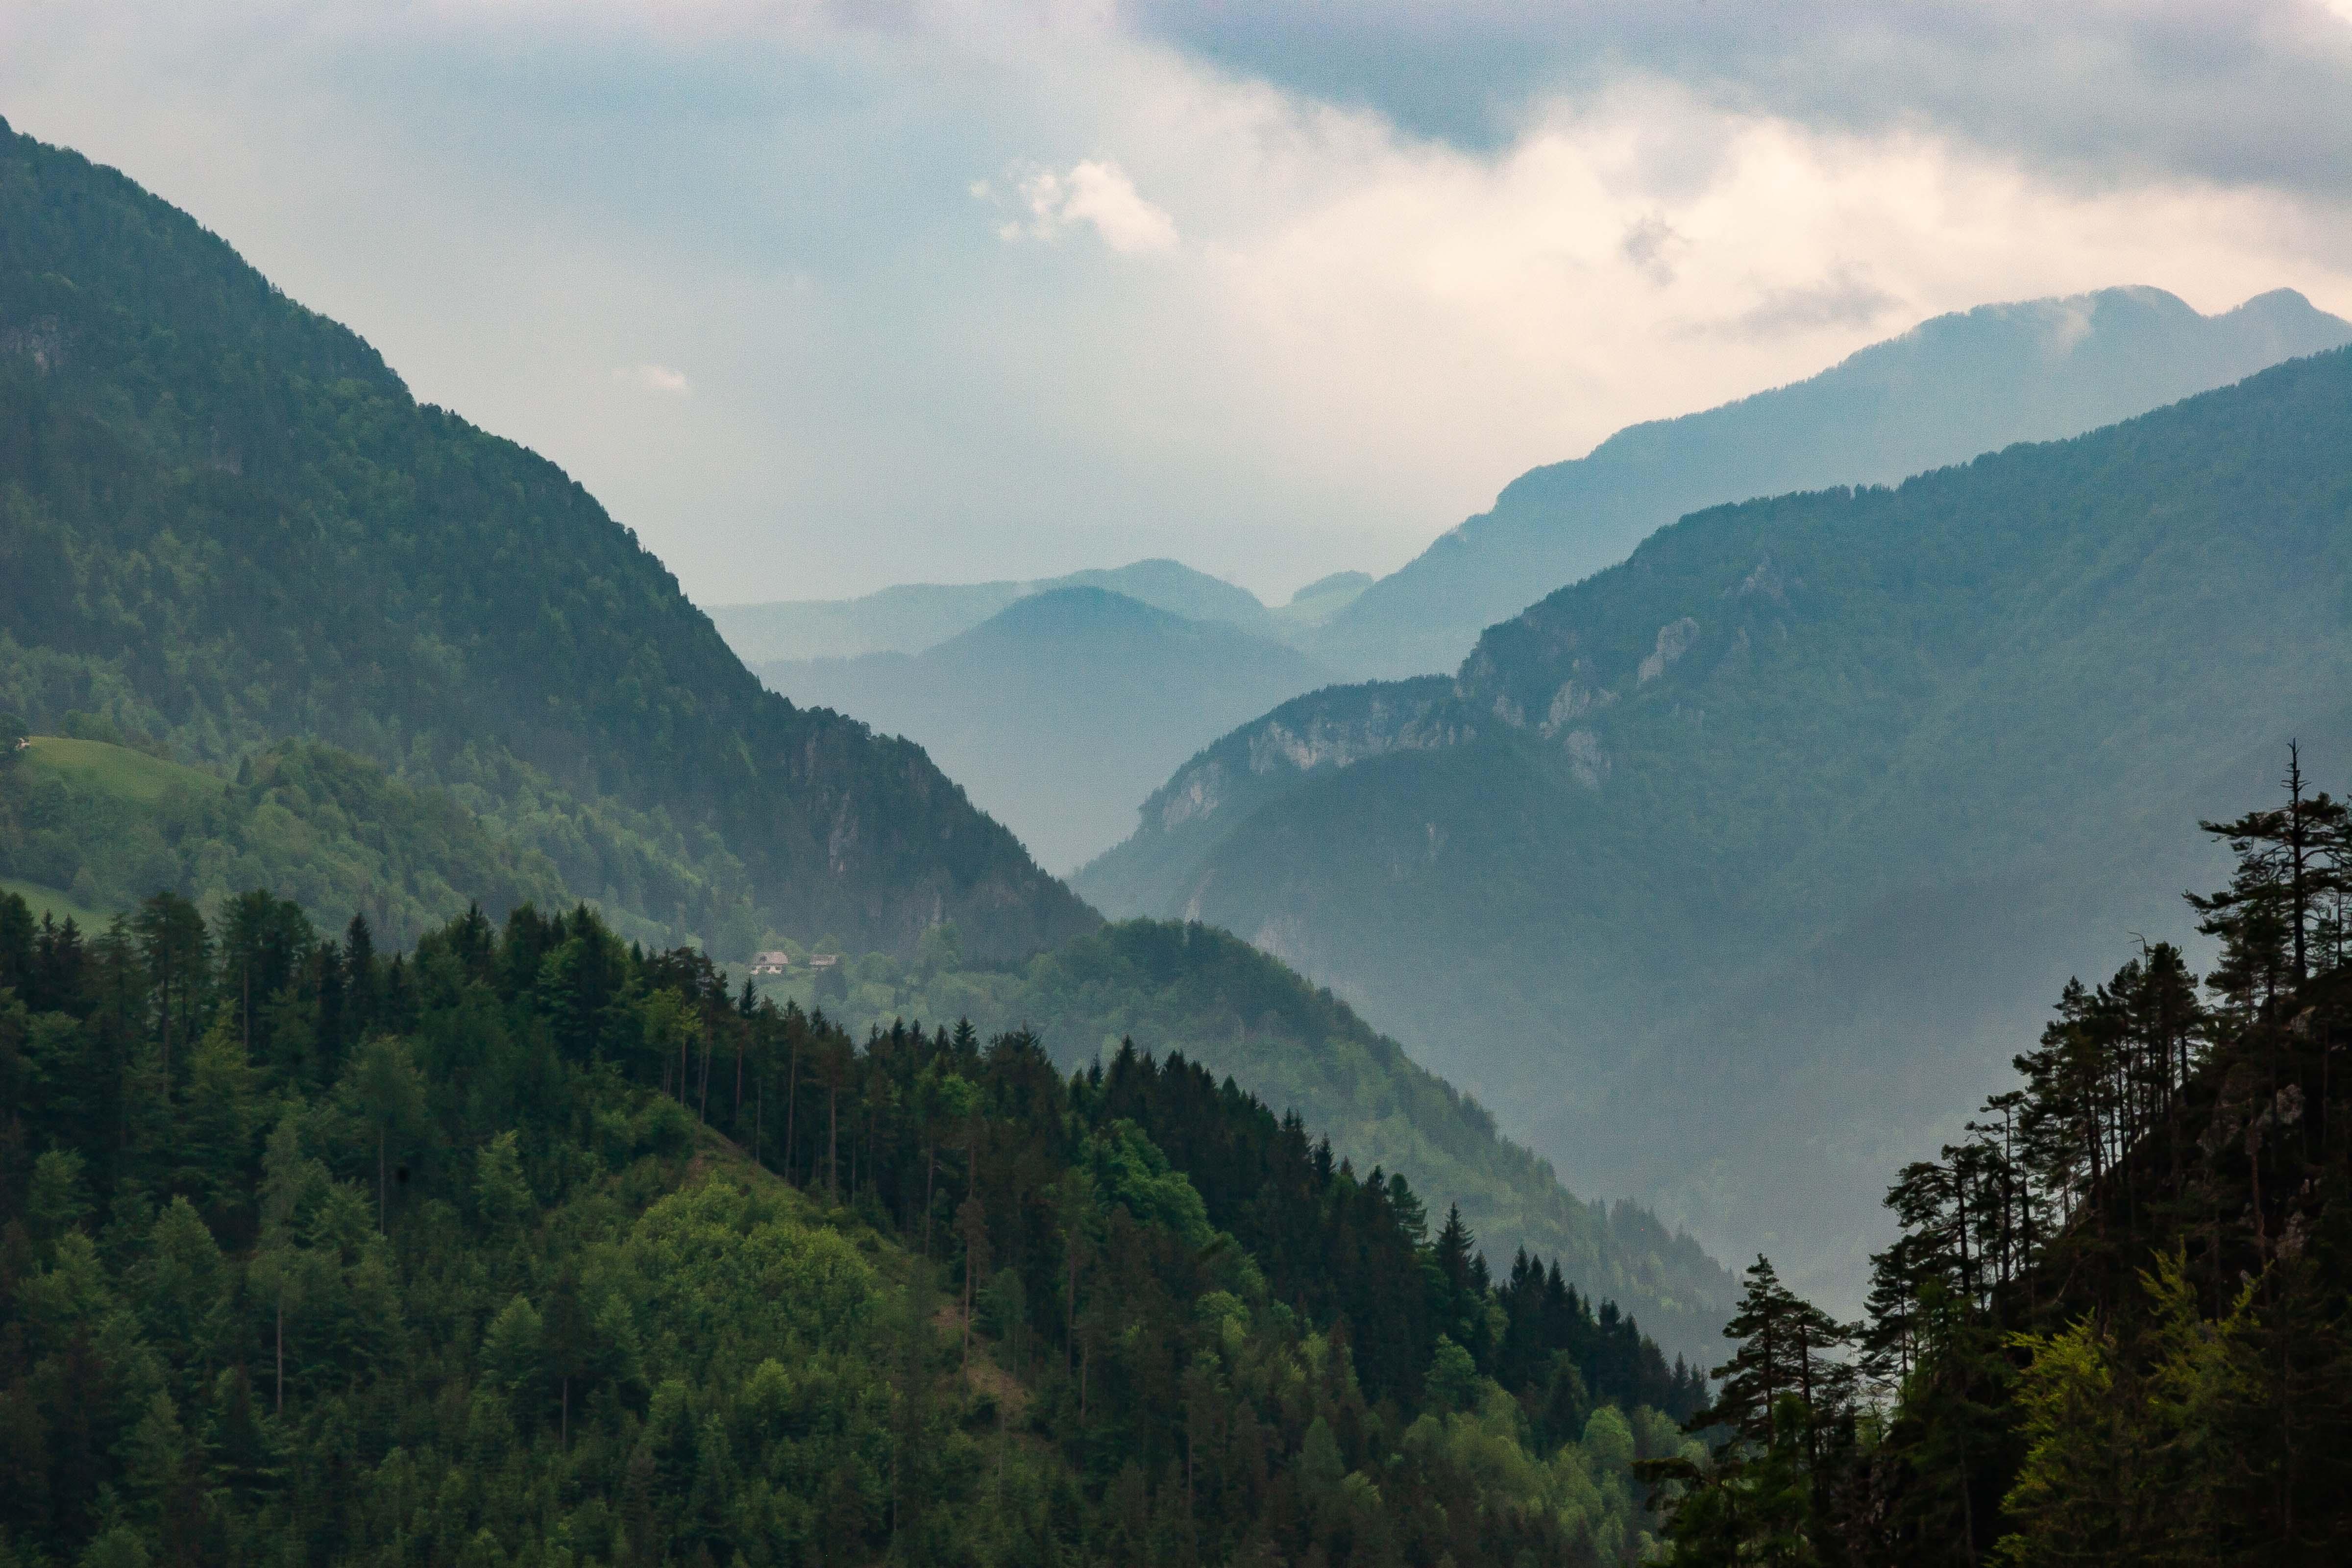 Slovenia, Solcava Prov, Mountain Landscape, 2006, IMG 8417